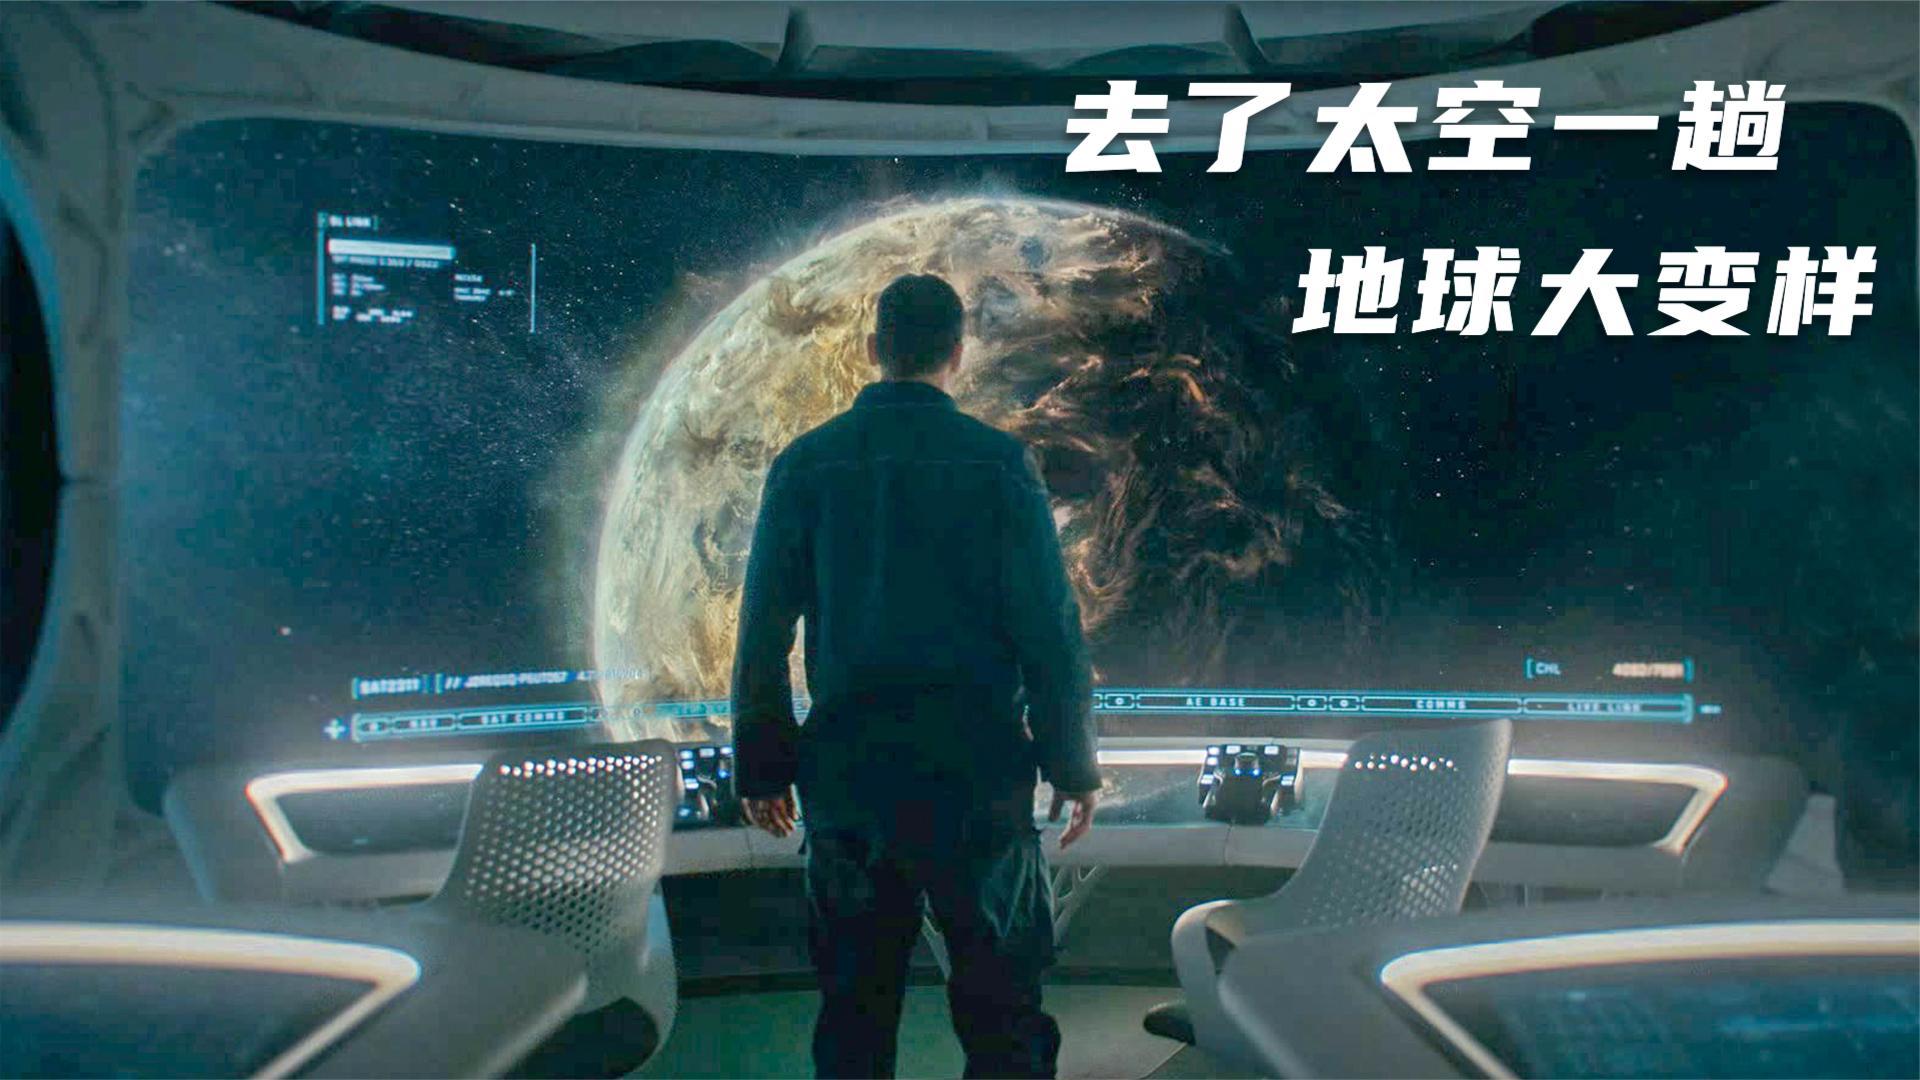 宇航员去太空执行任务,回来后看到地球的模样,整个人都傻眼了